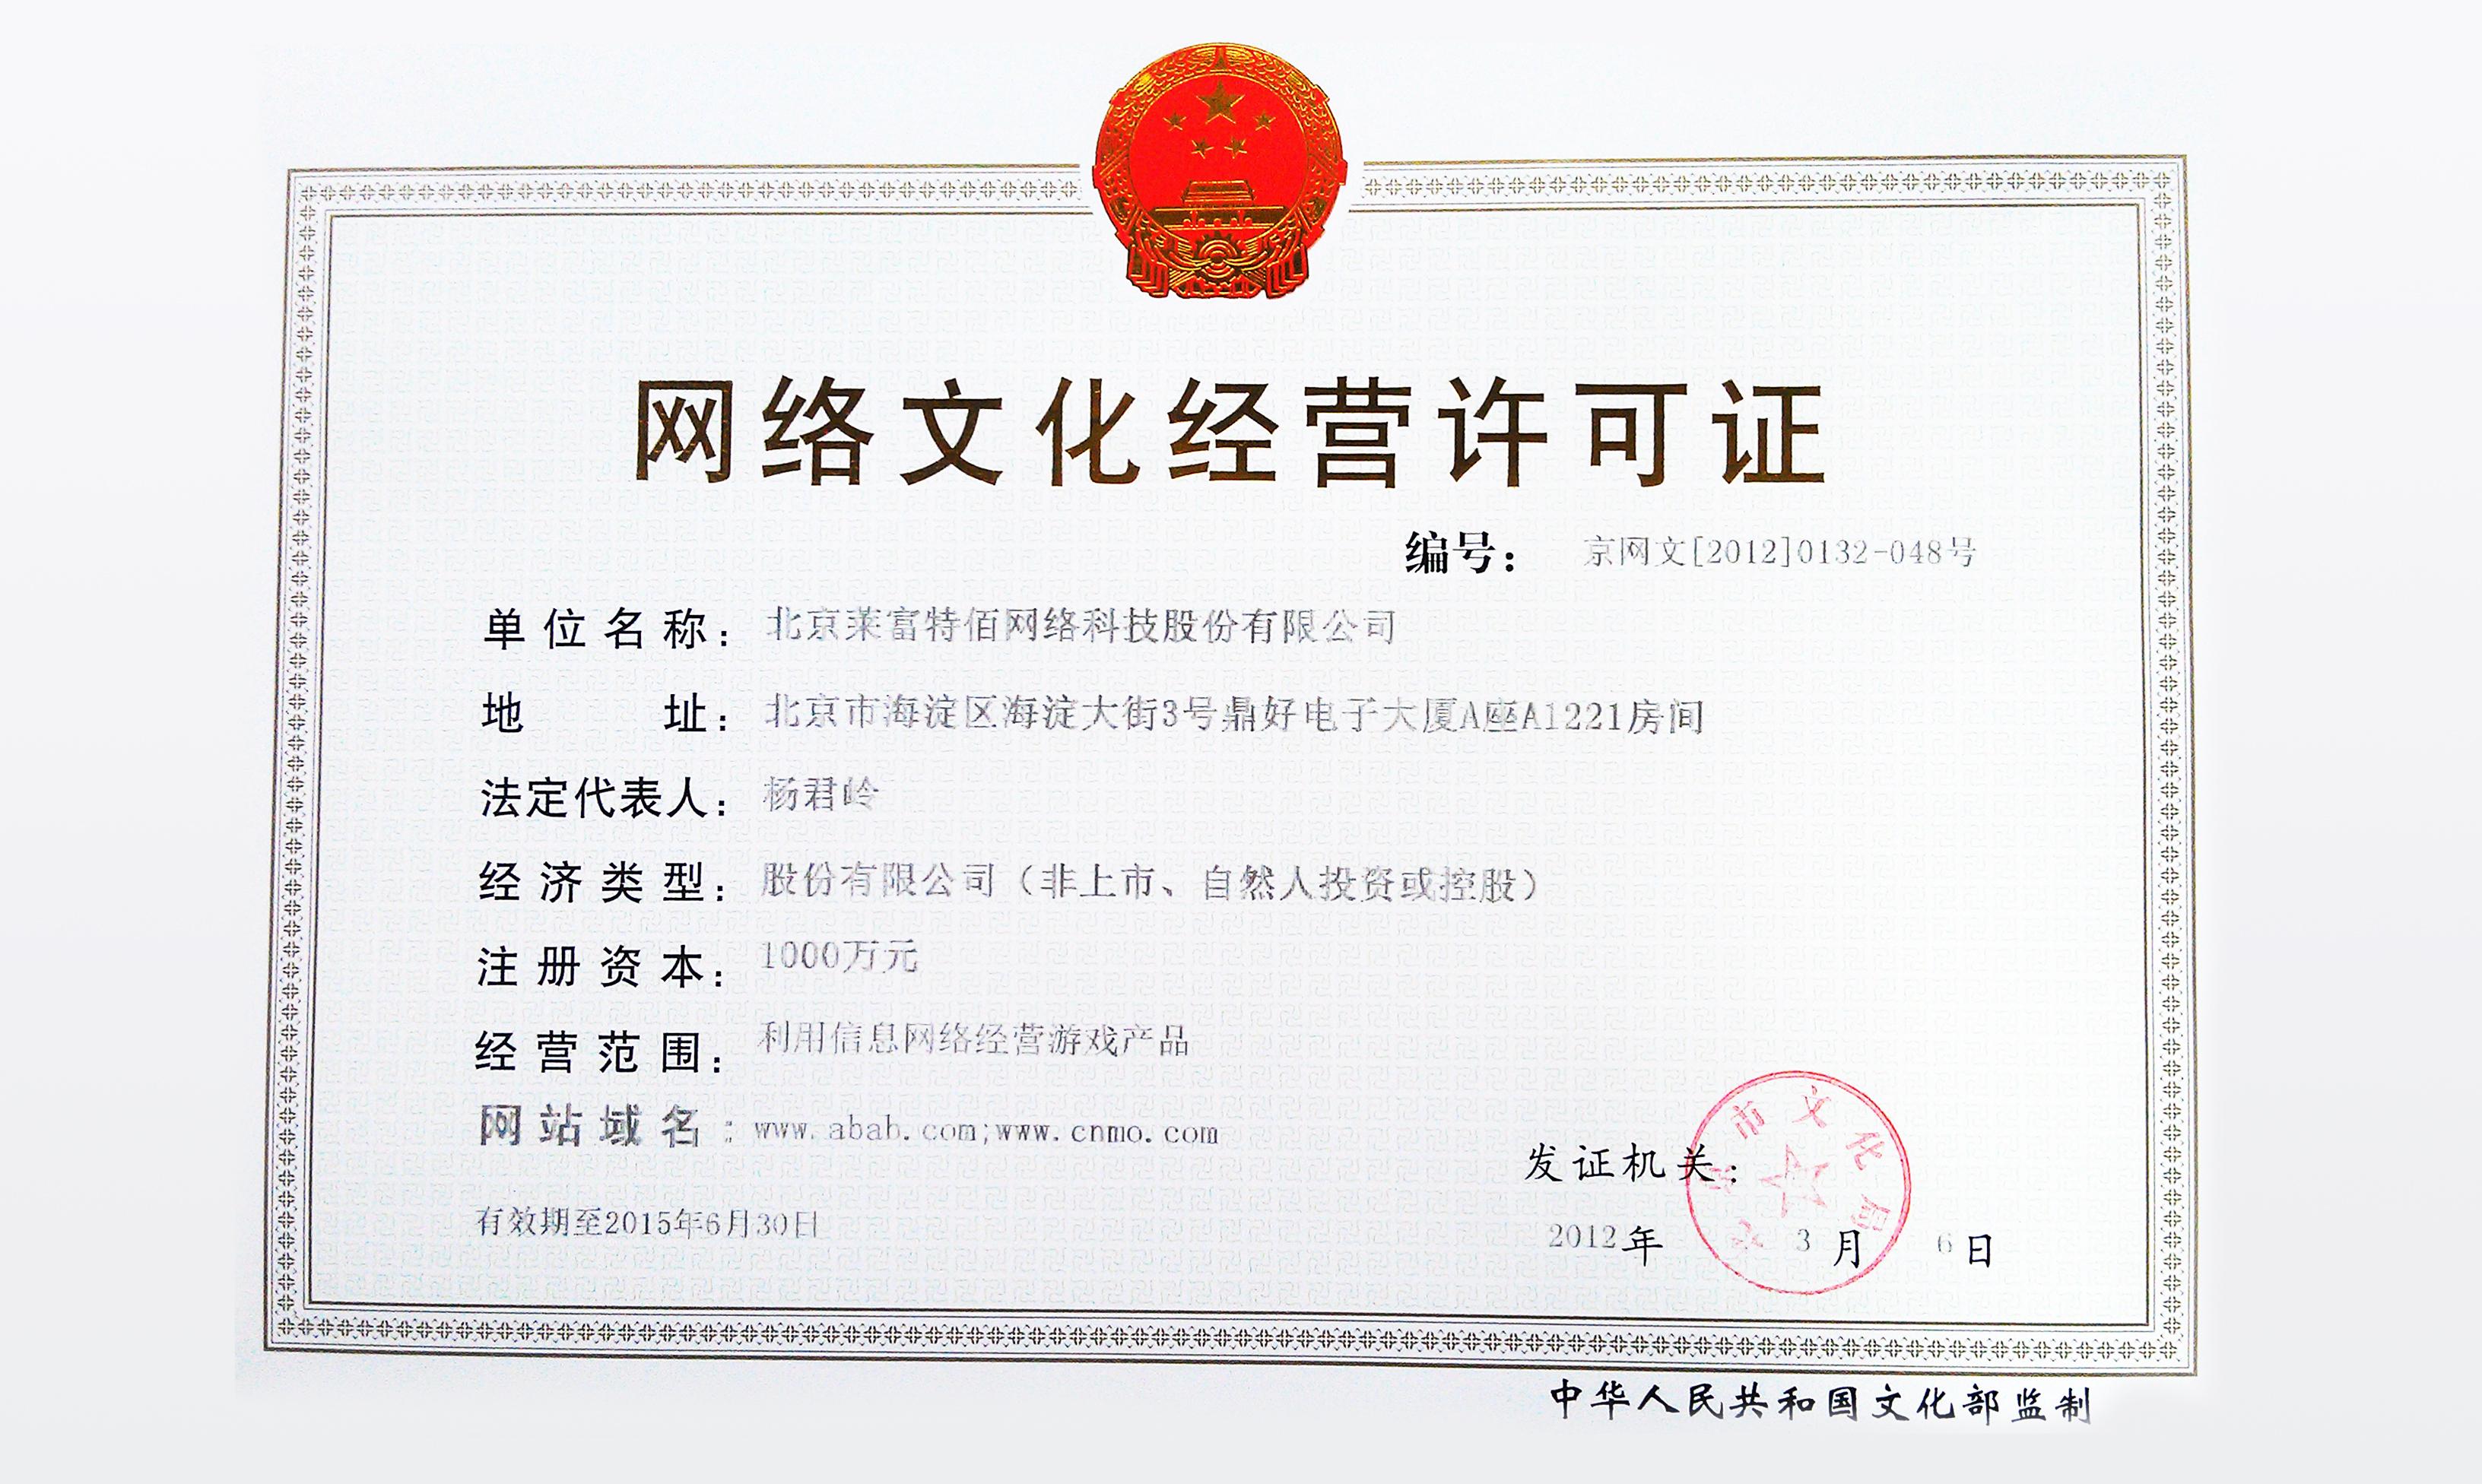 手机中国 莱富特佰网络文化许可证